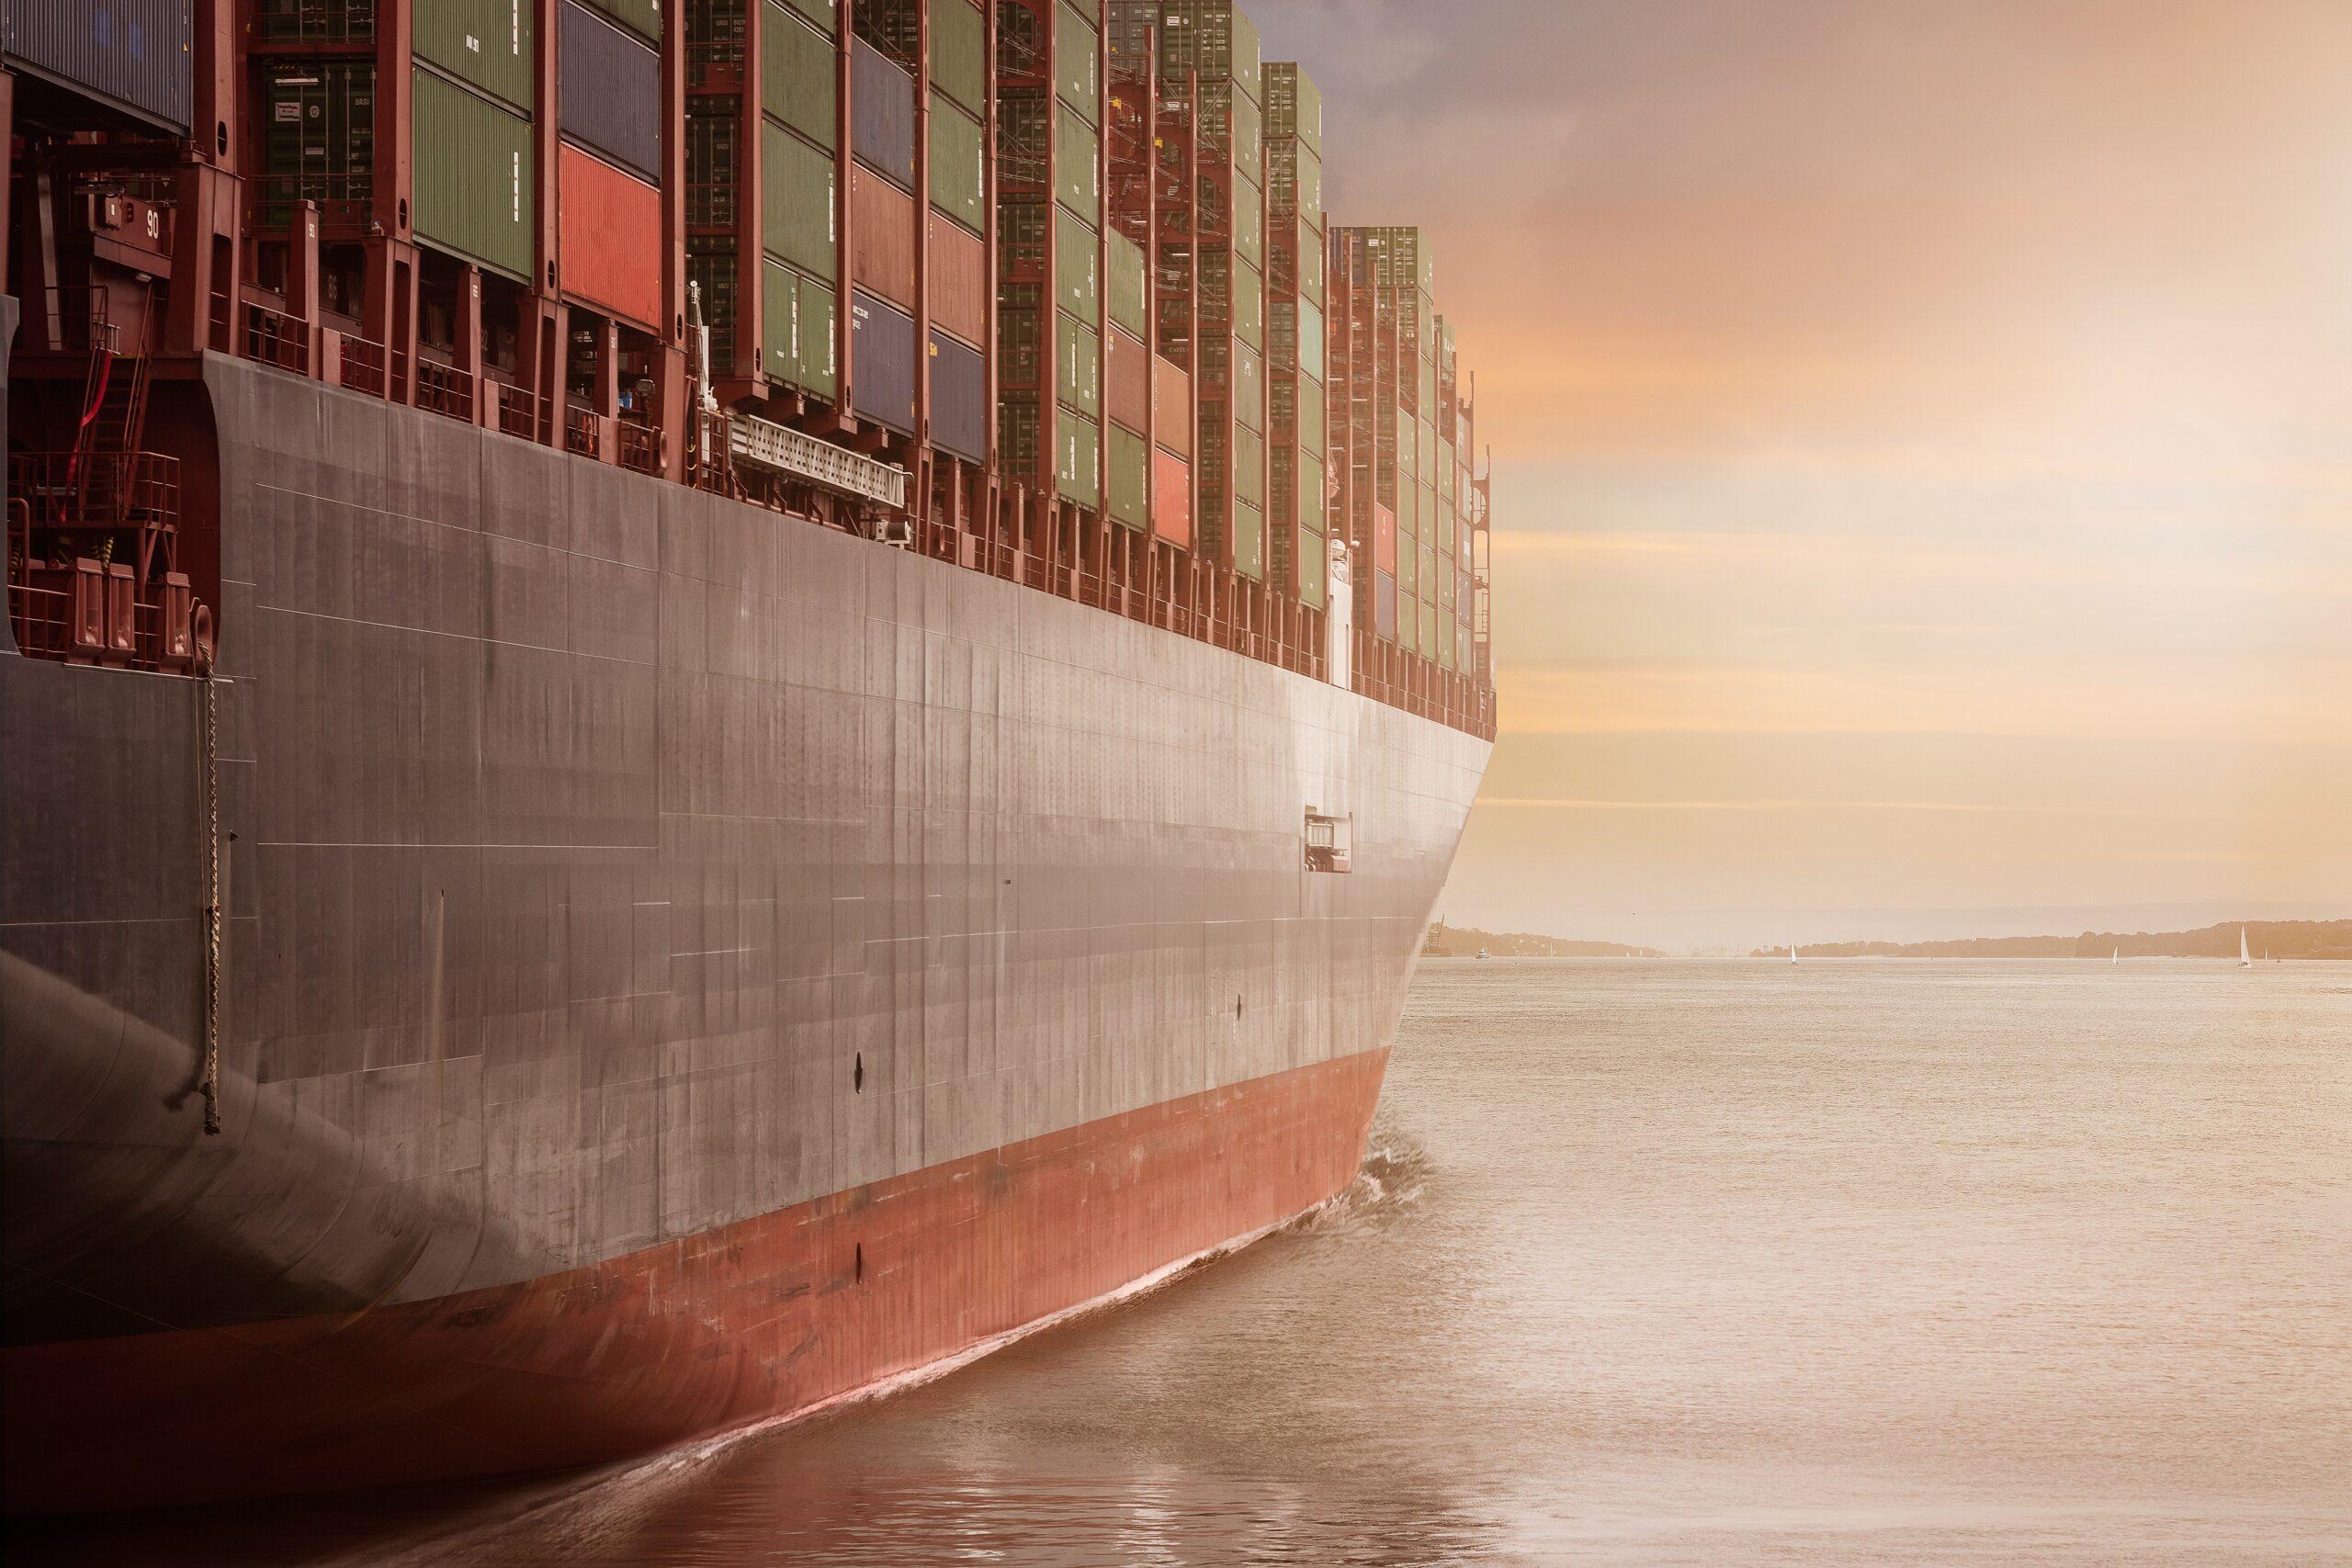 Salg og udlejning af diverse containere såsom 40 fods containere